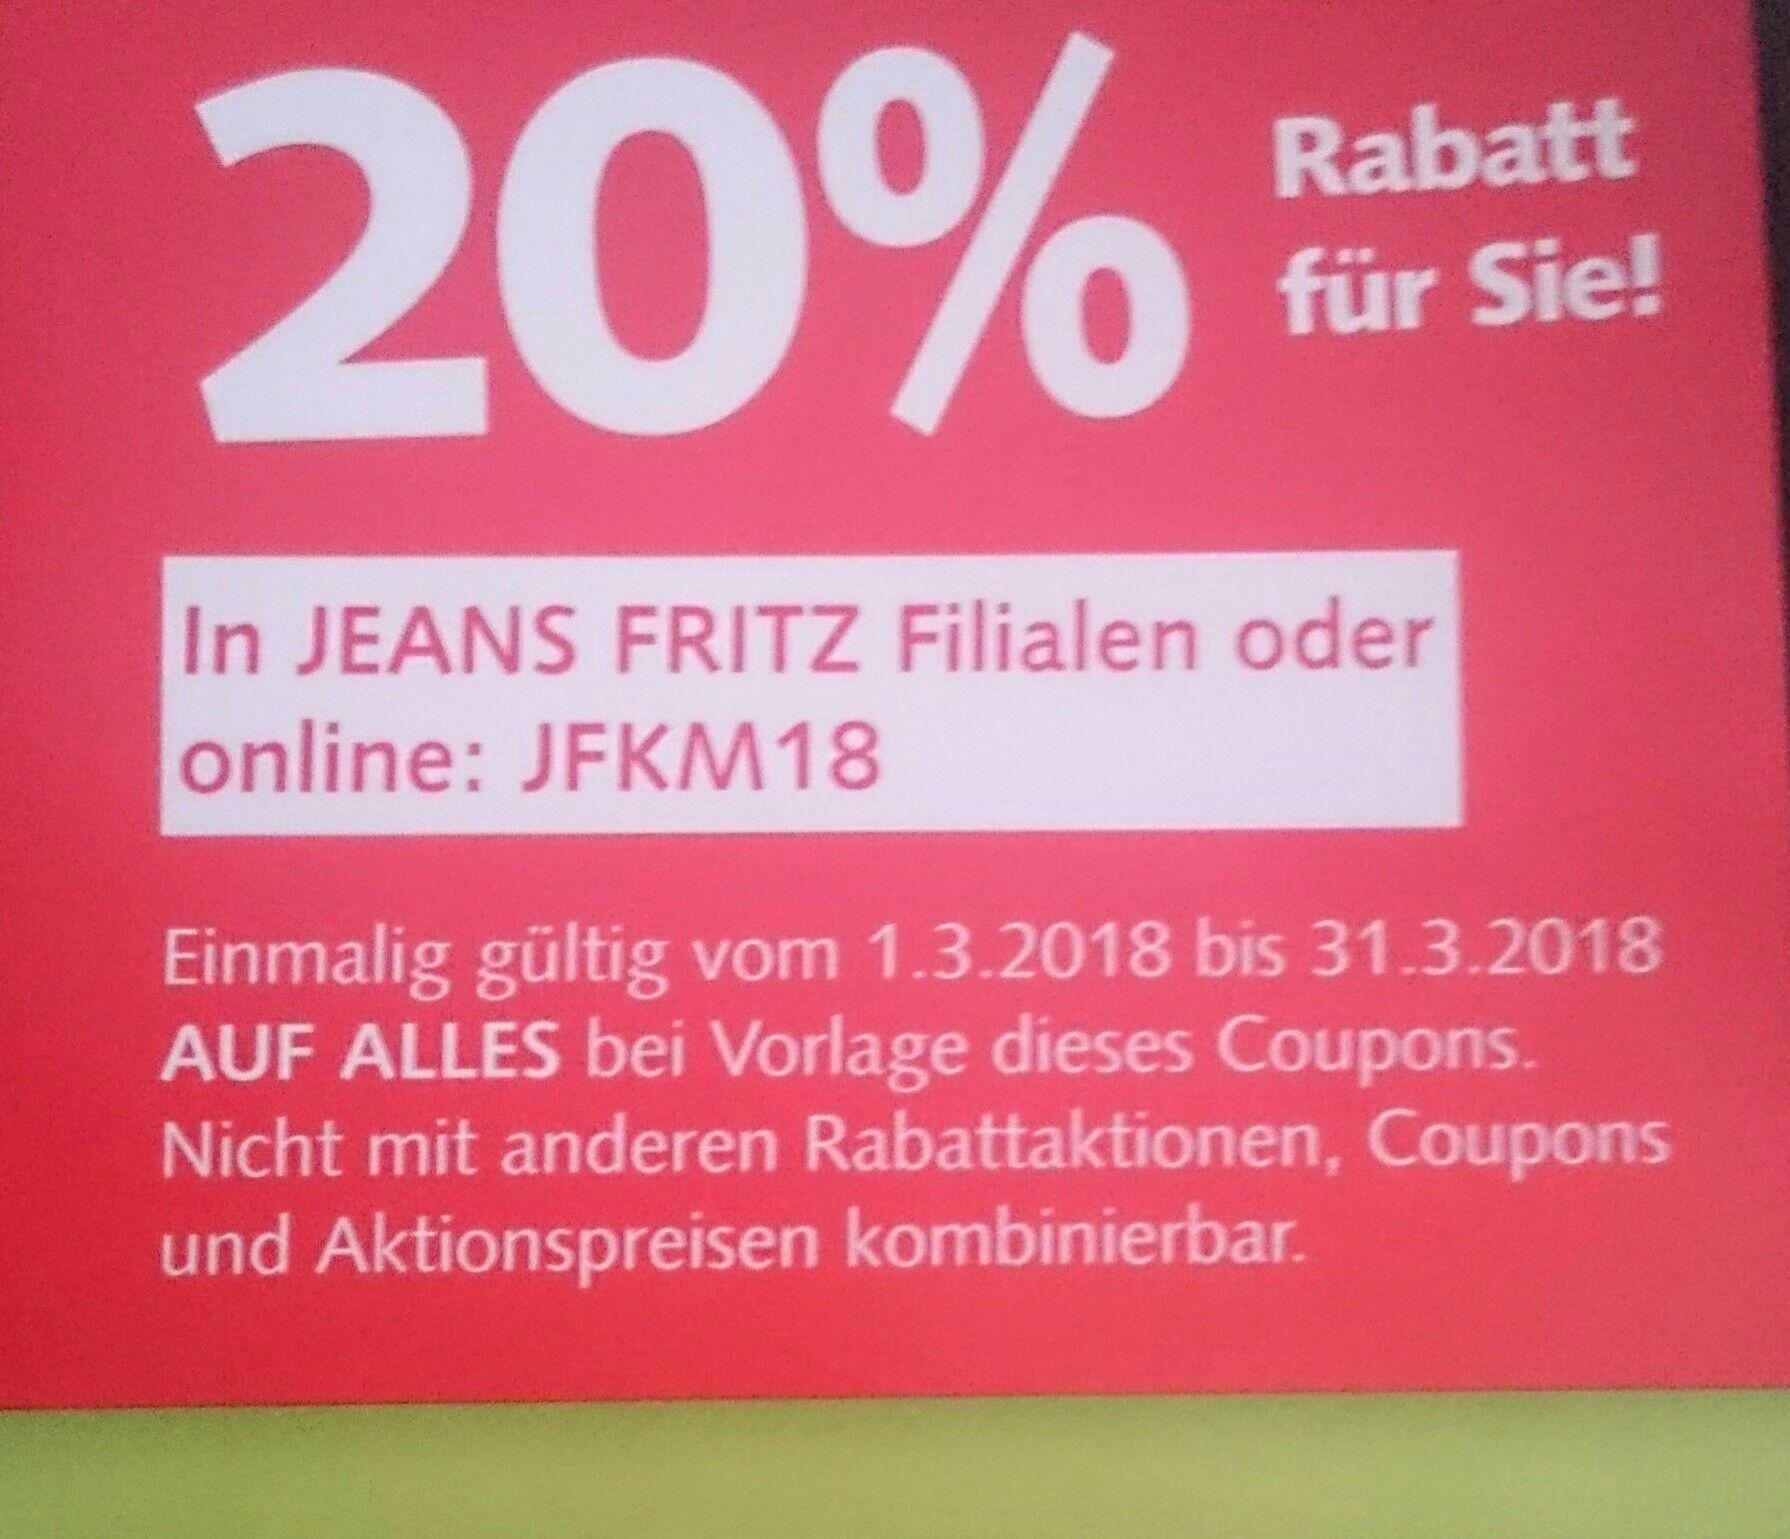 20% auf alles Jeans Fritz online & offline